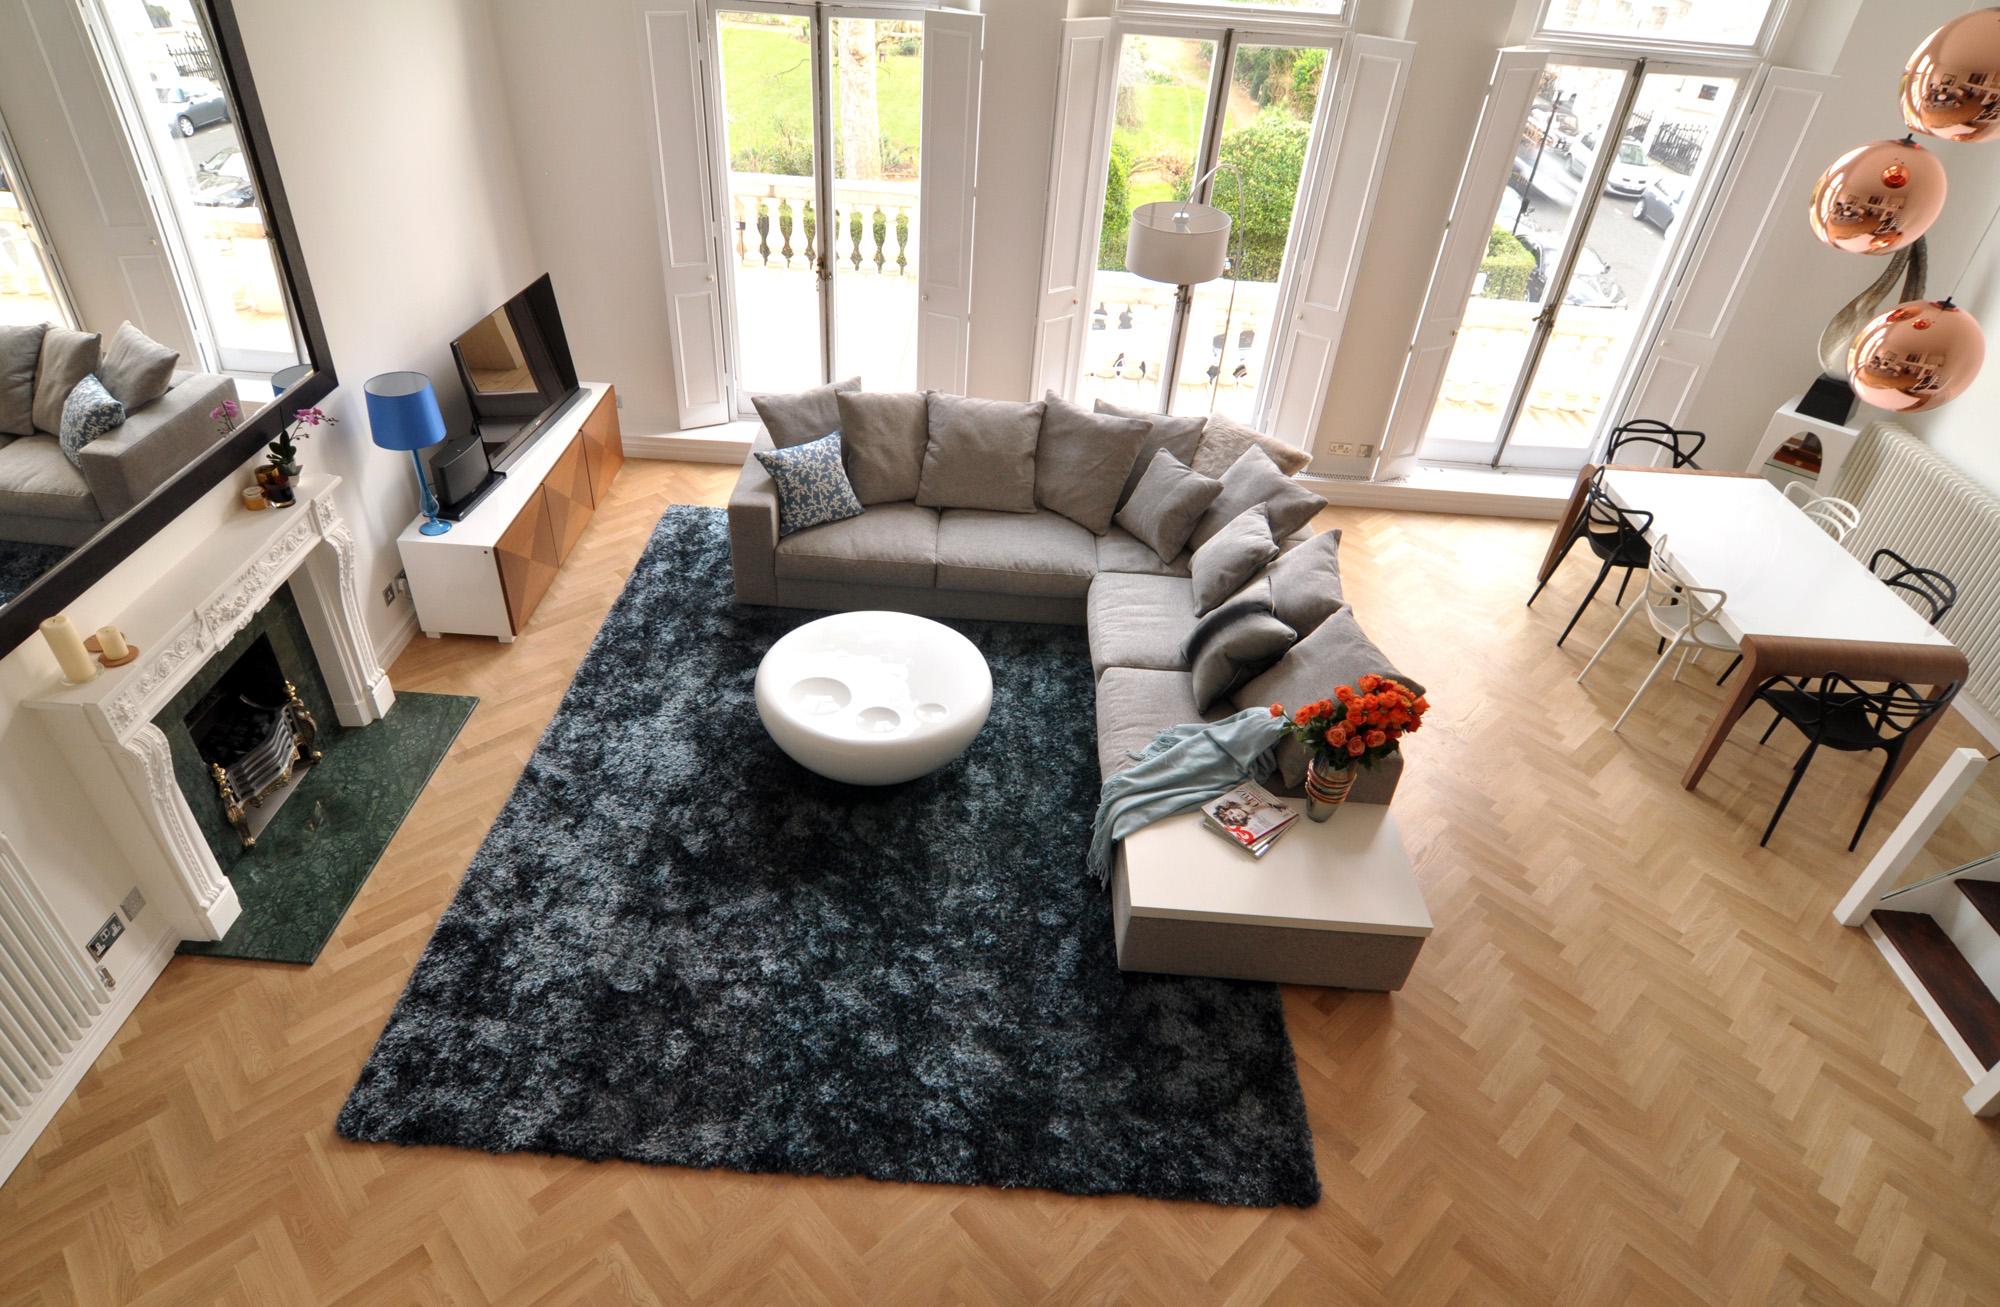 الدفء والأناقة في غرفة معيشة عصرية غير تقليدية